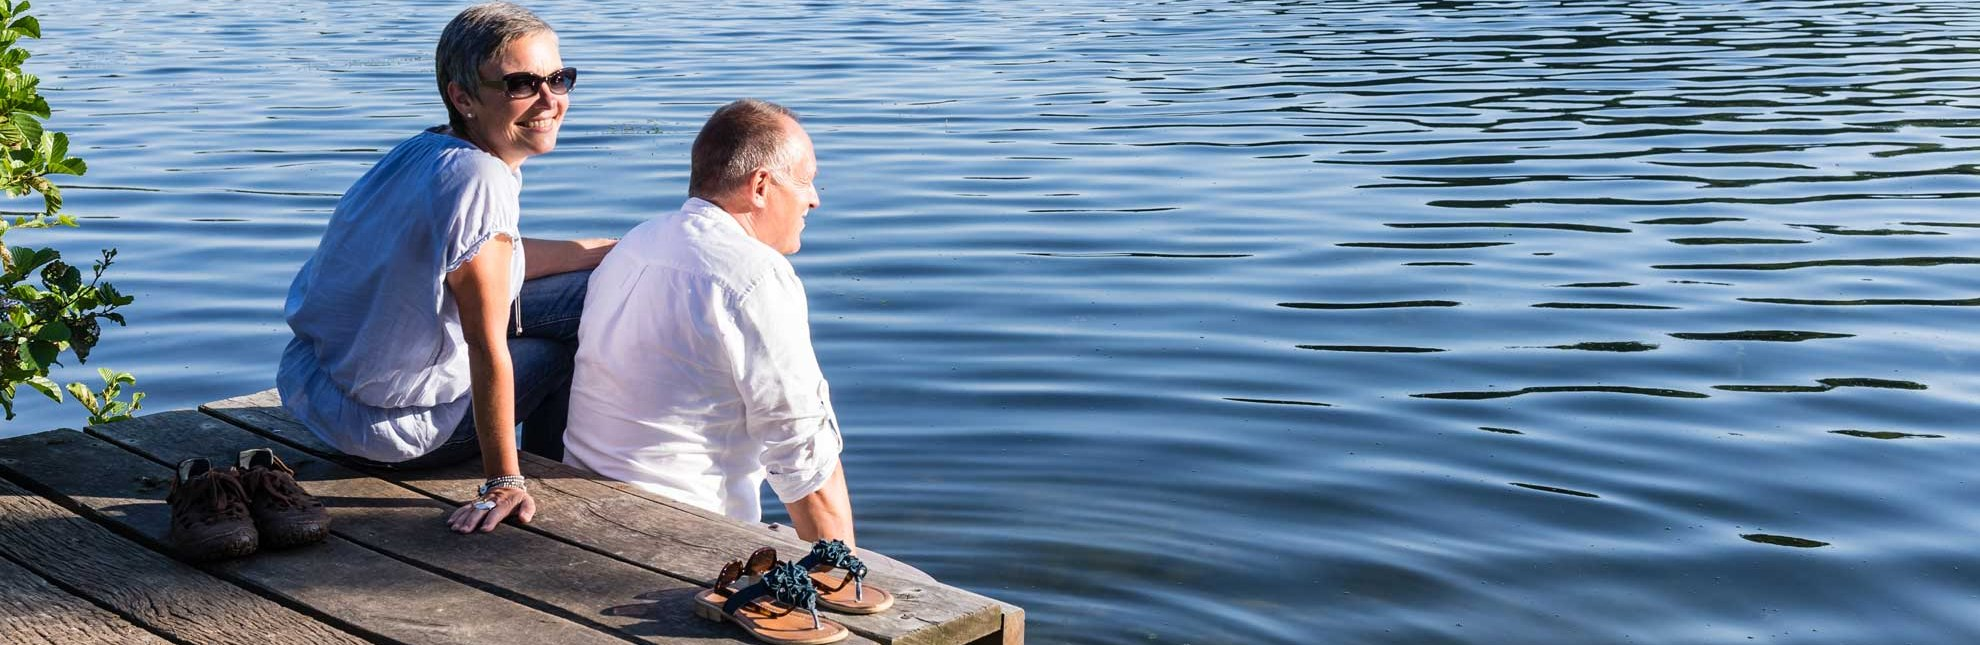 Verschnaufspause am See, © Markus Tiemann/ HLMS